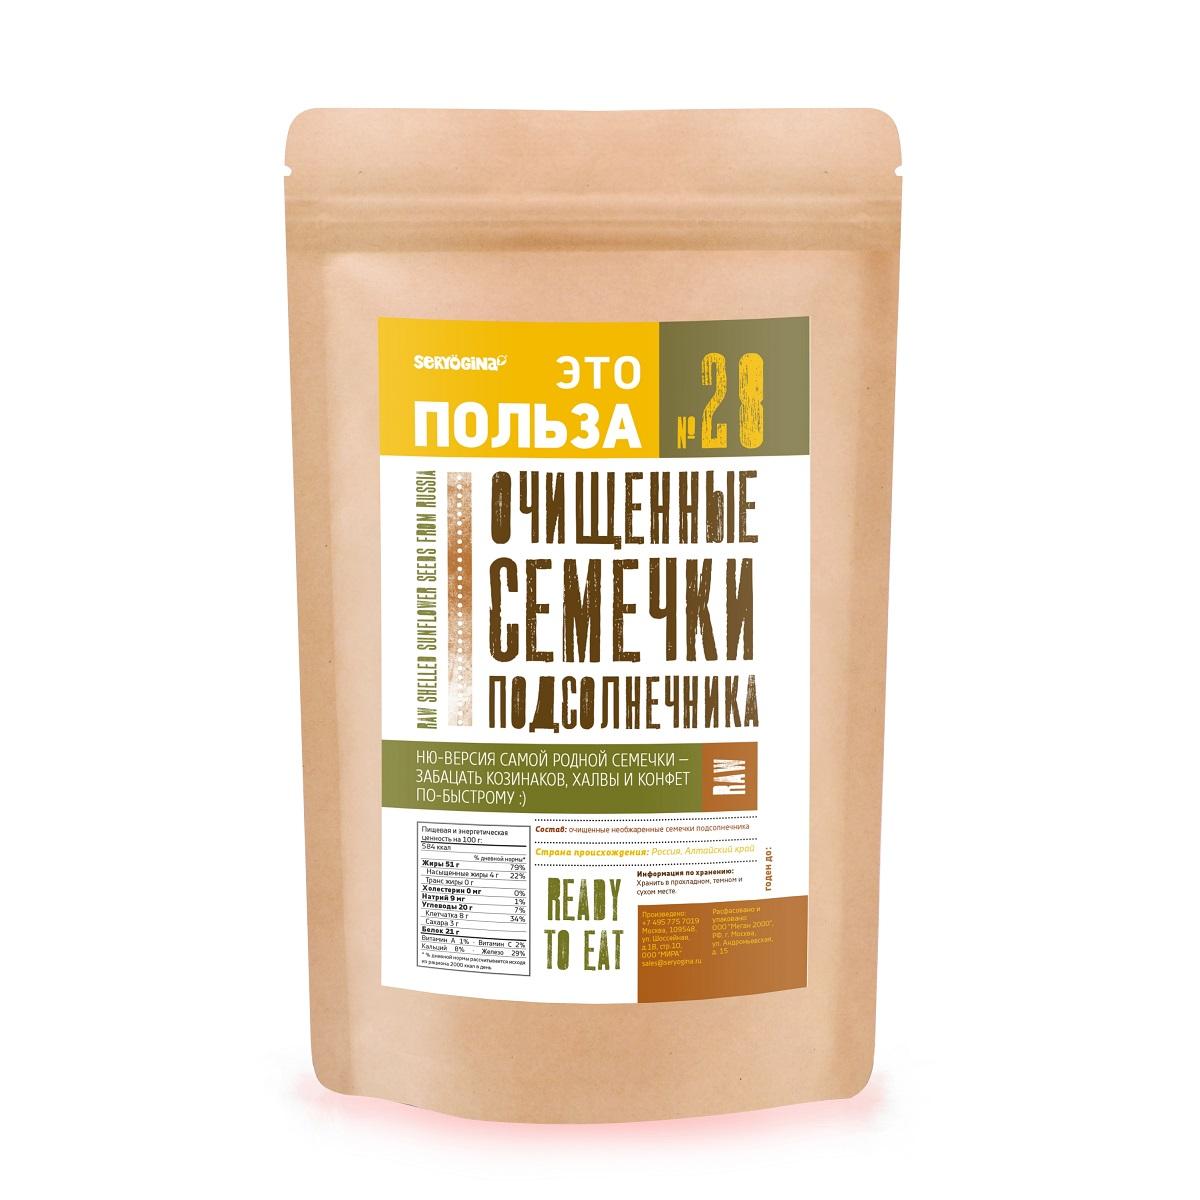 Seryogina Семечки подсолнечника, 500 г907Всеми любимое лакомство в самом полезном, необжаренном варианте. Отличный источник витаминов D и Е - для крепких костей и красивой кожи, магния и цинка - для сердца и волос, а также пищевых волокон - для пищеварения. Хорошо прорастают, подходят для приготовления молочка из семечек.